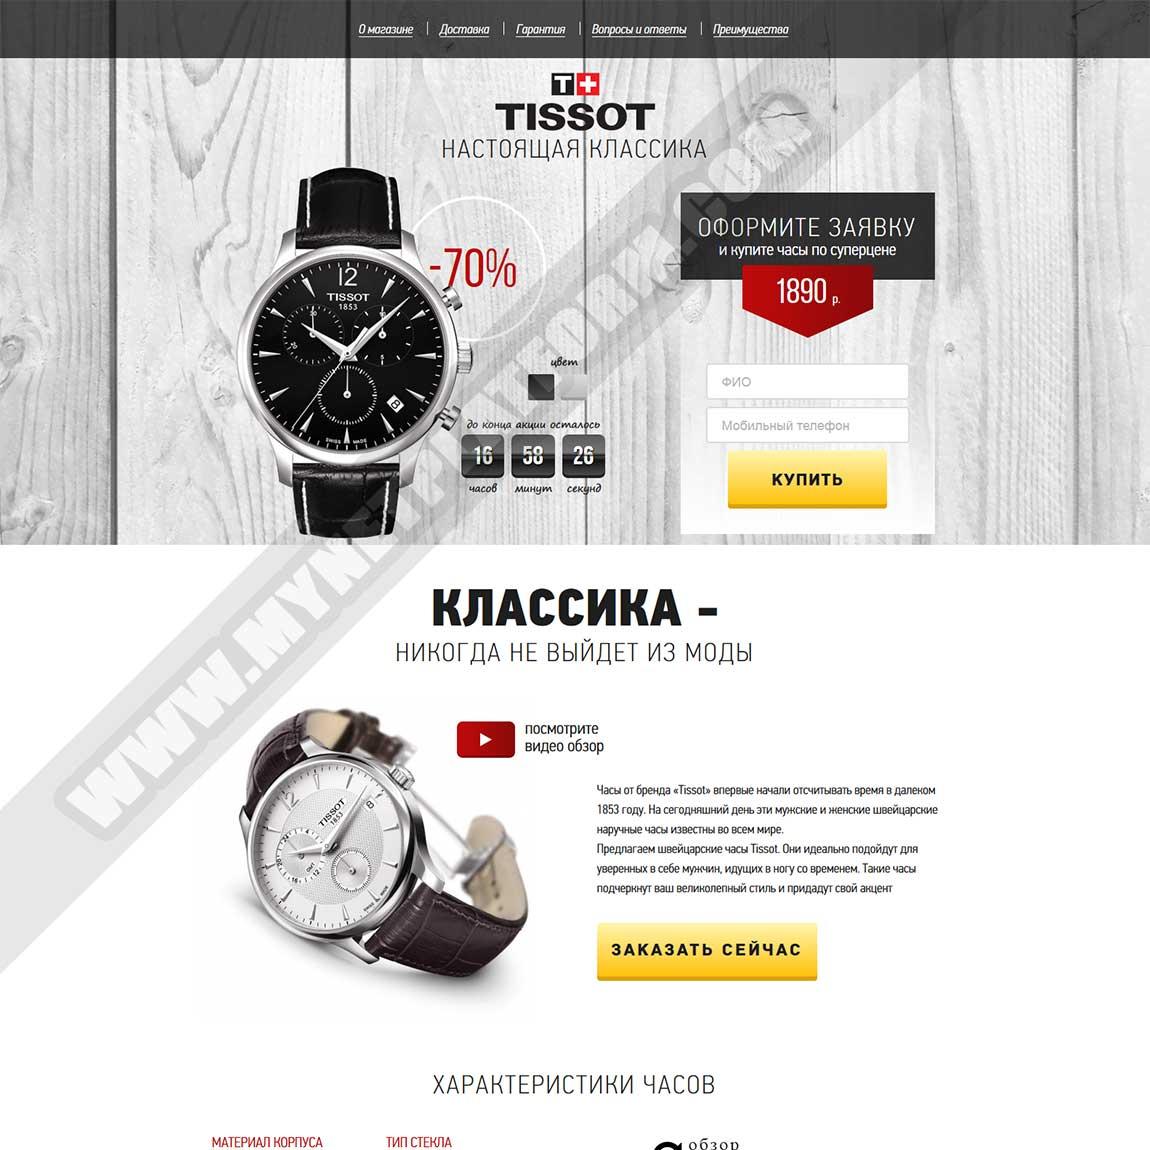 Миниатюра Готового лендинга Tissot часы - настоящая классика 001